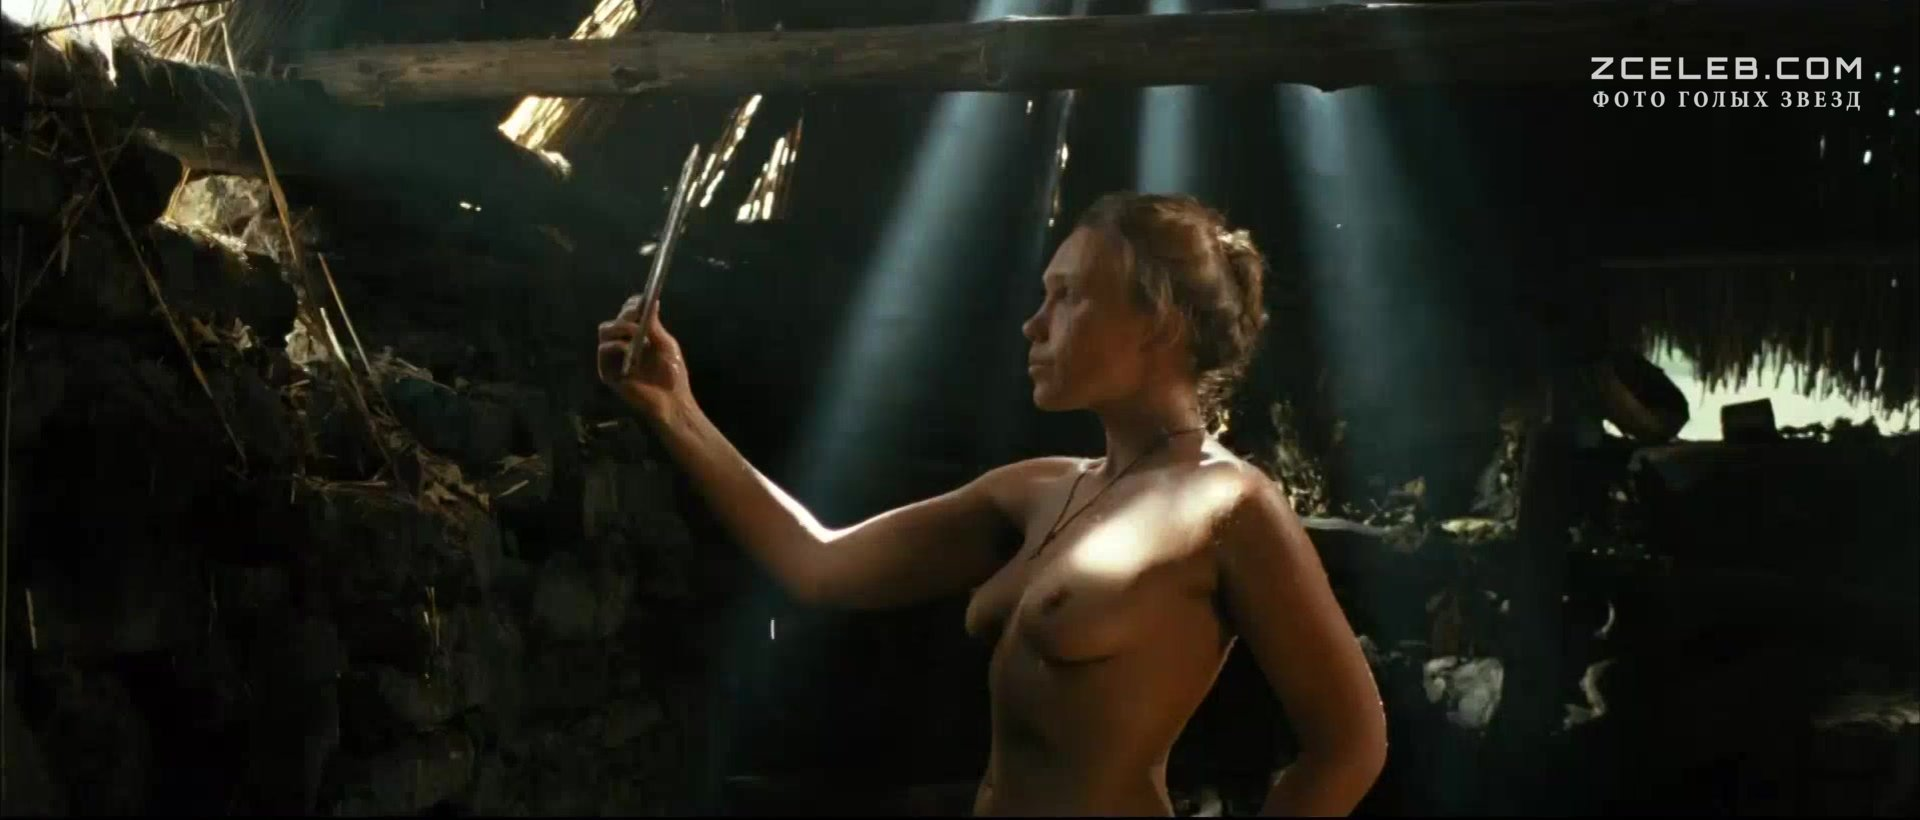 русский фильм где женщина оголяется за золотую цепочку - 9